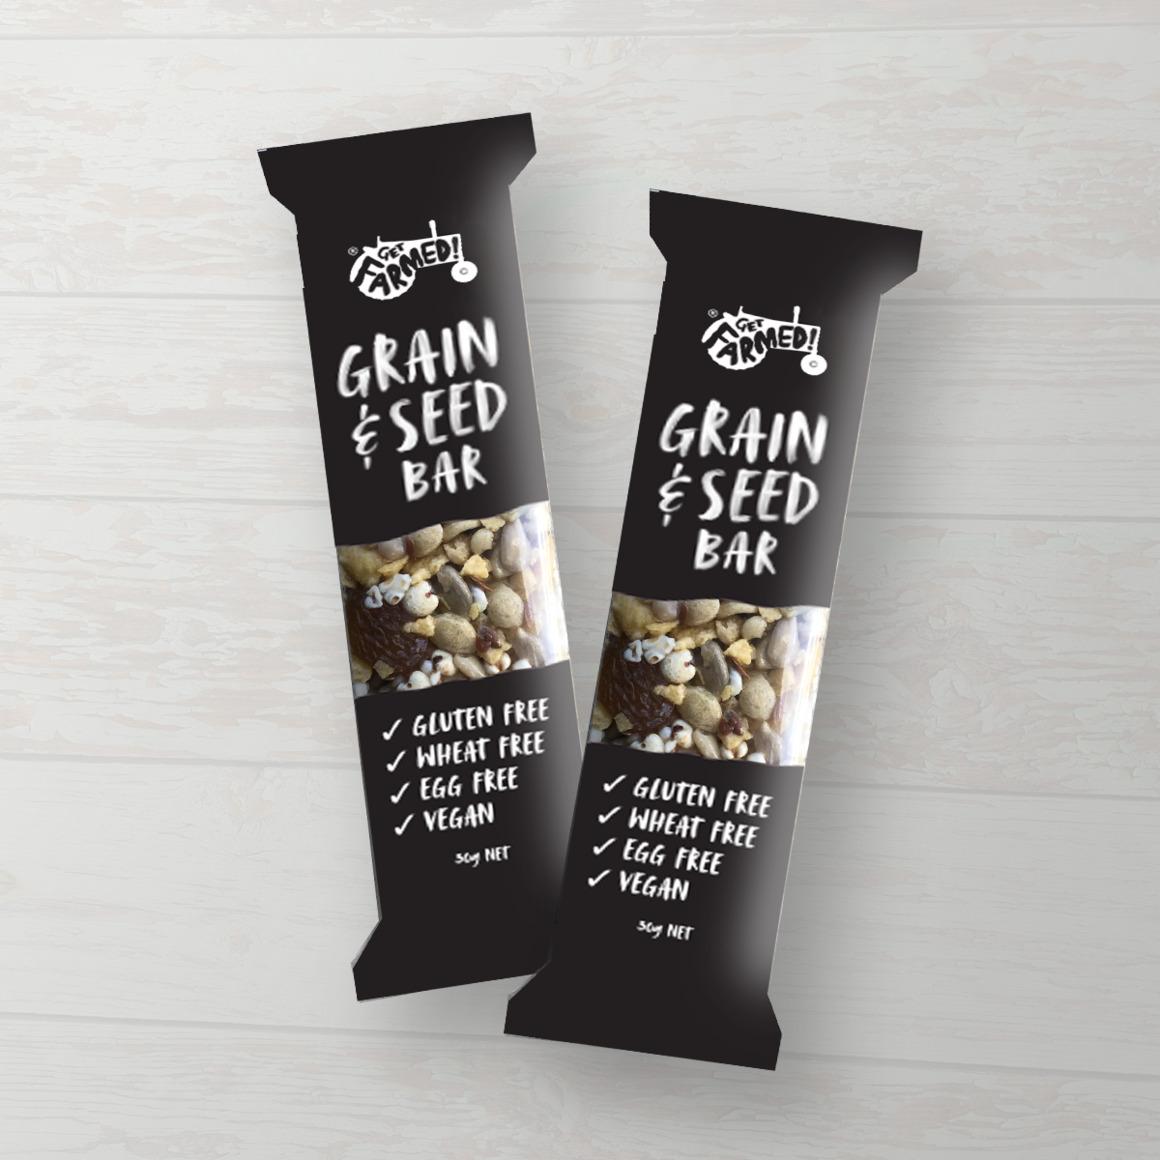 Get Farmed! Gluten Free Grain & Seed Bar (Shelf Ready Packaging) | Trada Marketplace